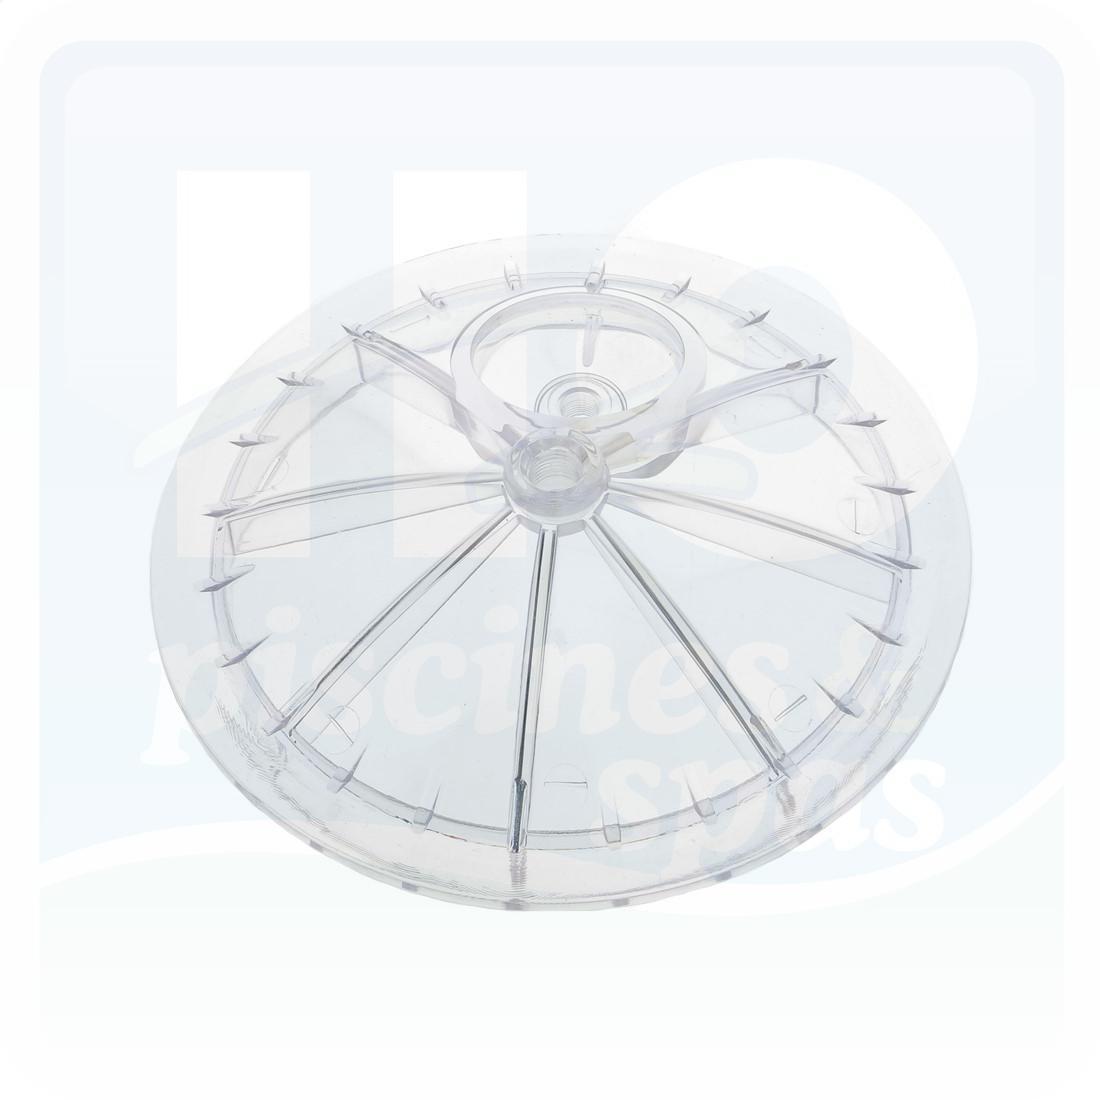 Couvercle Du Filtre À Sable Astral Bering - Bali - H2O Piscines & Spas intérieur Couvercle Filtre A Sable Piscine